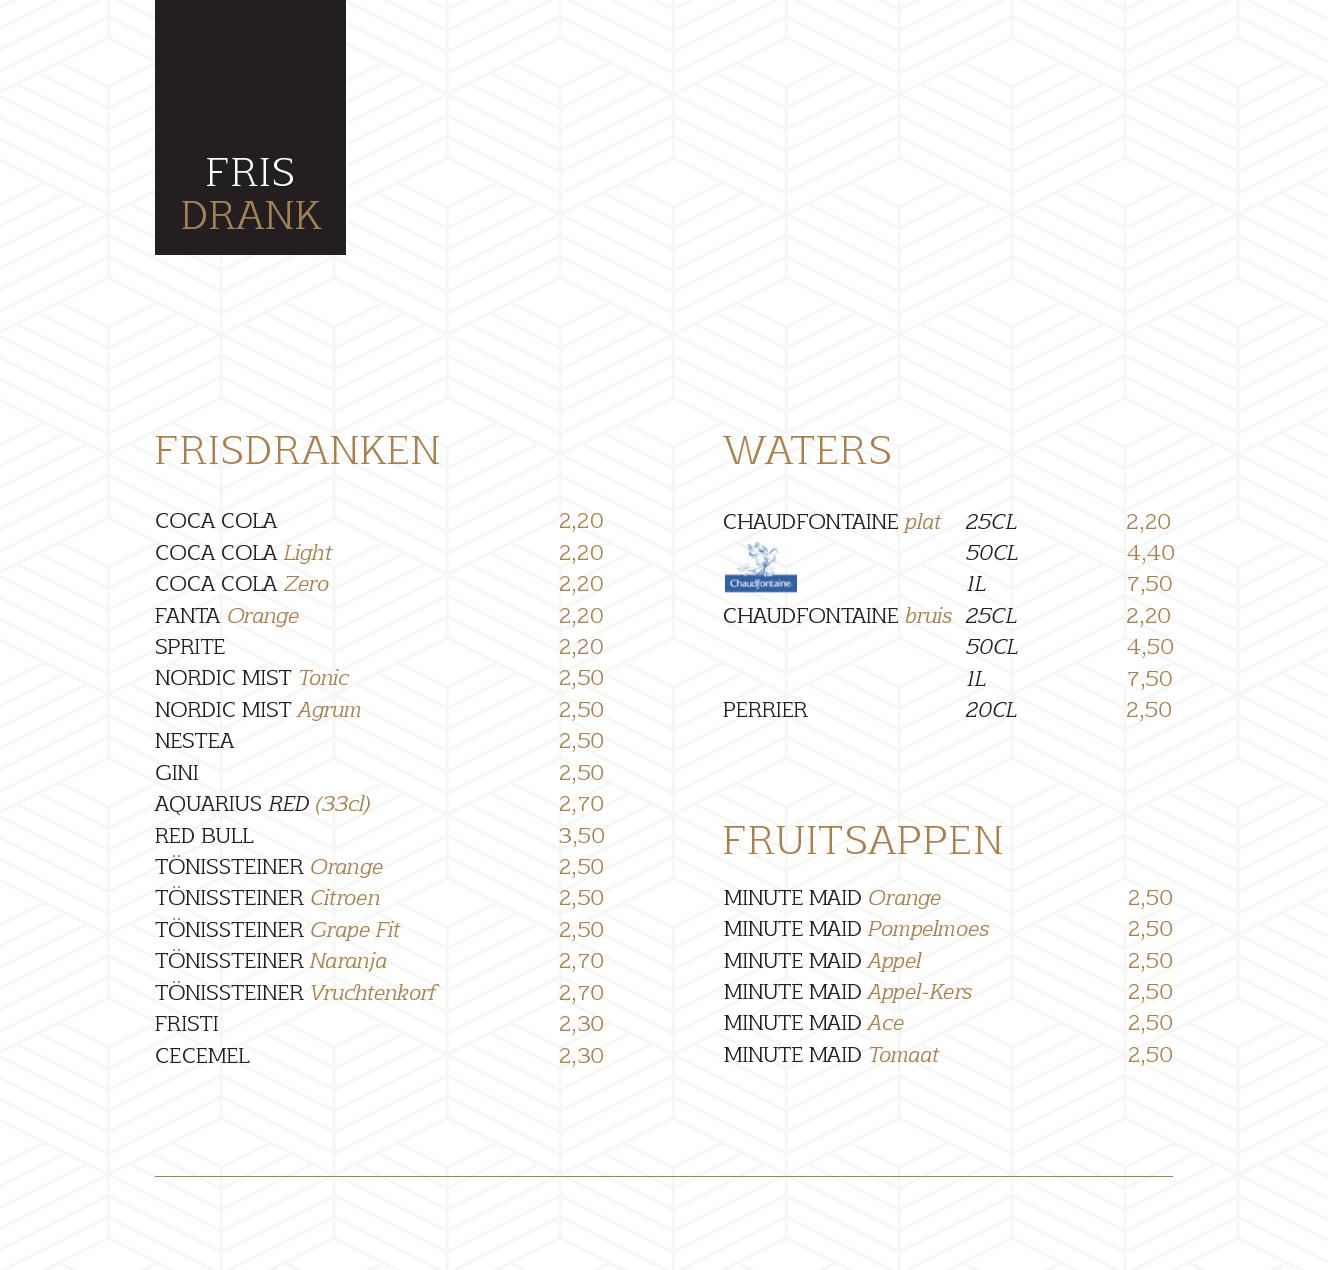 menukaart 01